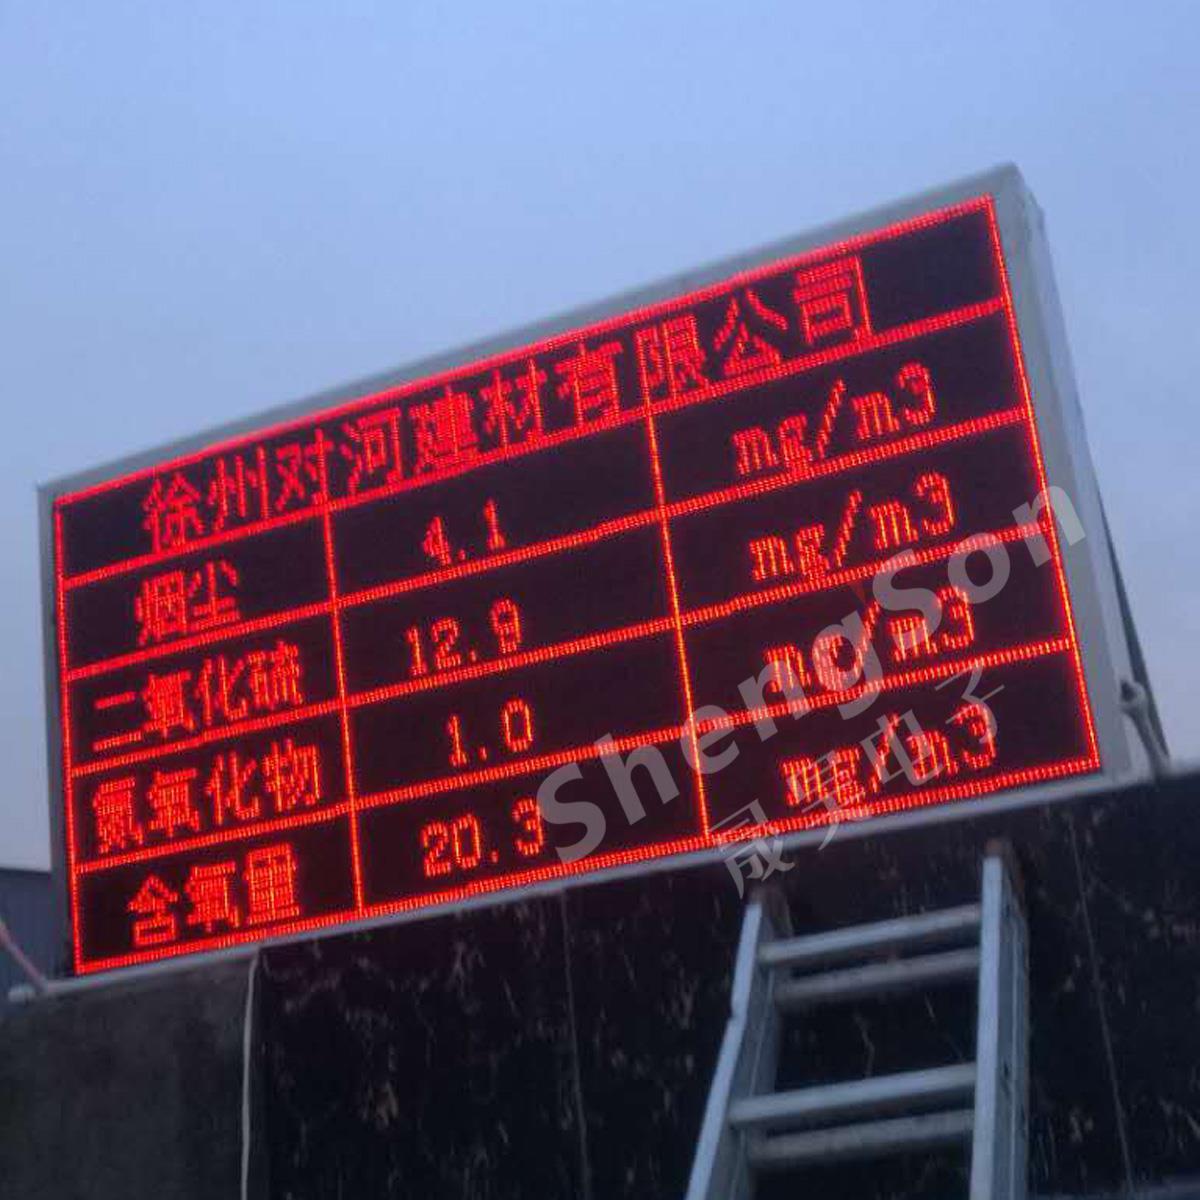 環保公示LED屏廠家-晟昊電子專業供應環保LED公示屏